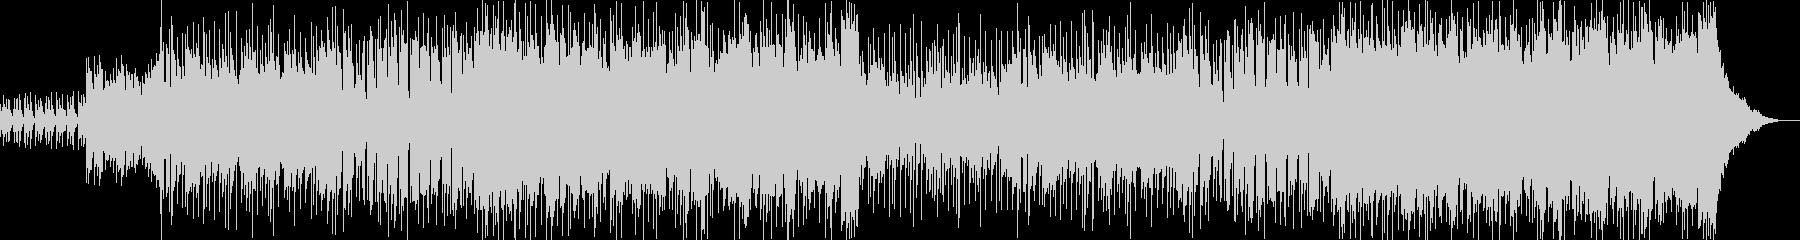 明るく爽やかなオーケストラポップ-08の未再生の波形